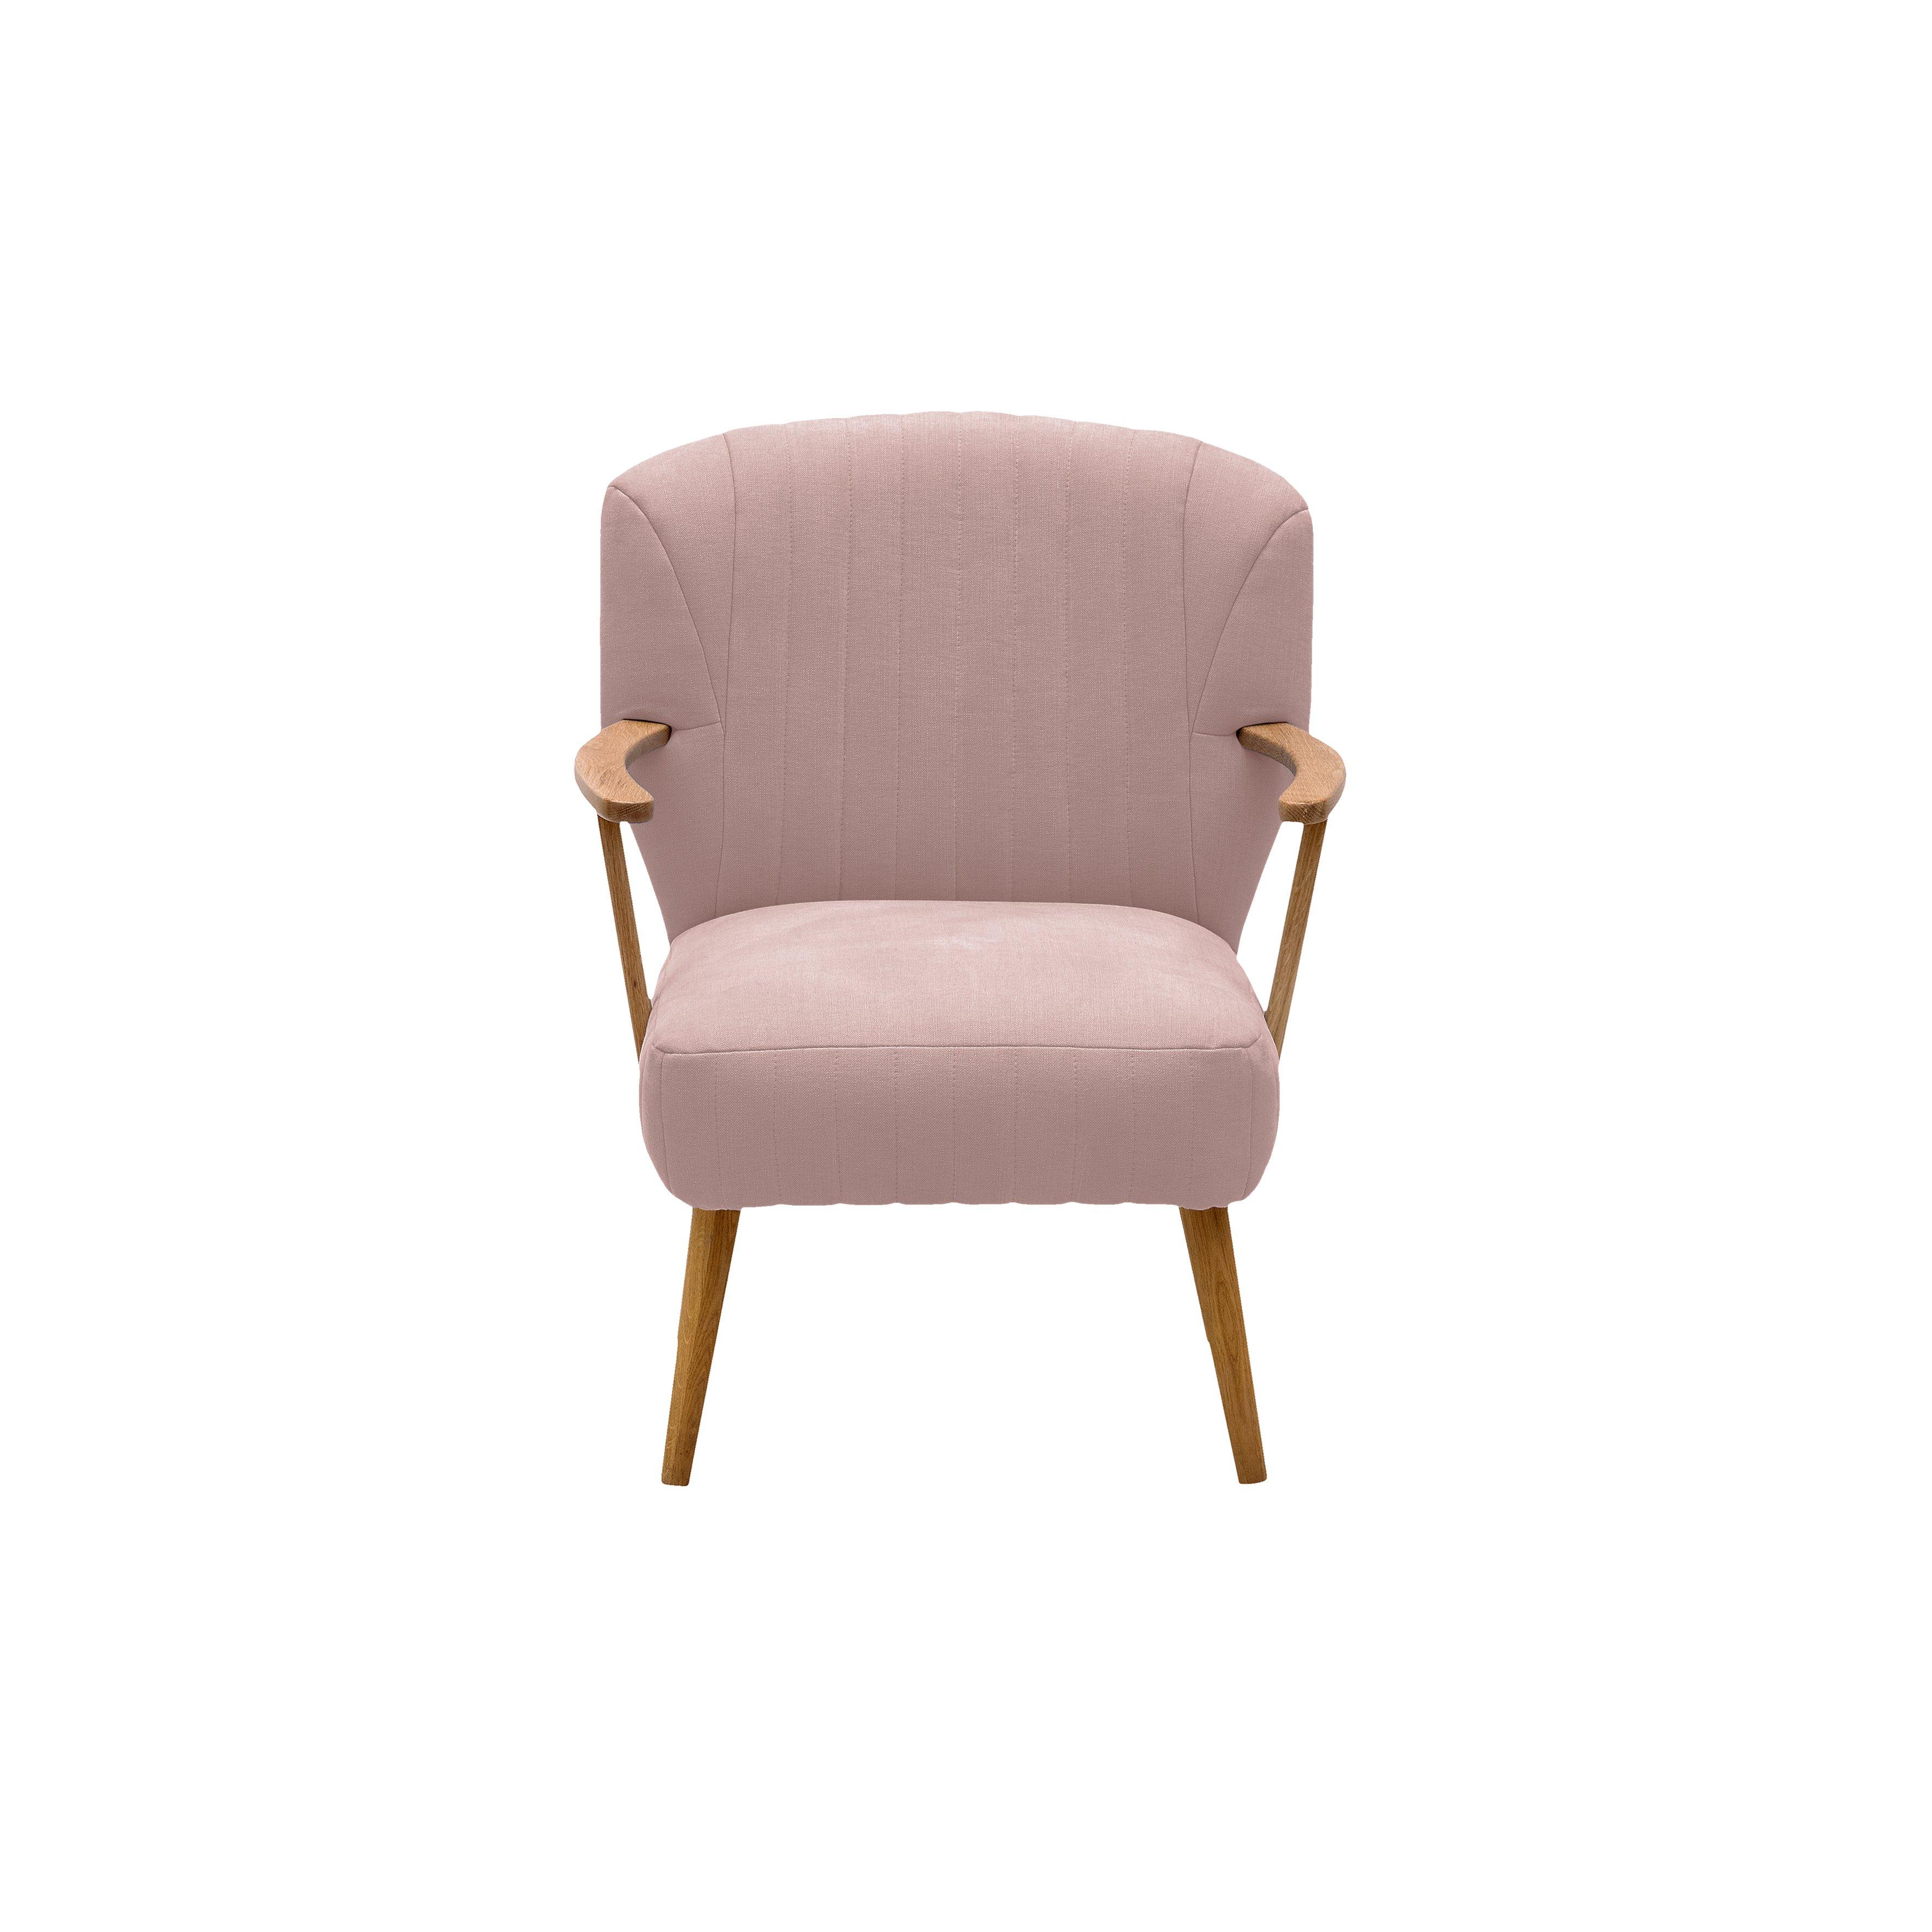 image-Bloomsbury Armchair, Powder Pink